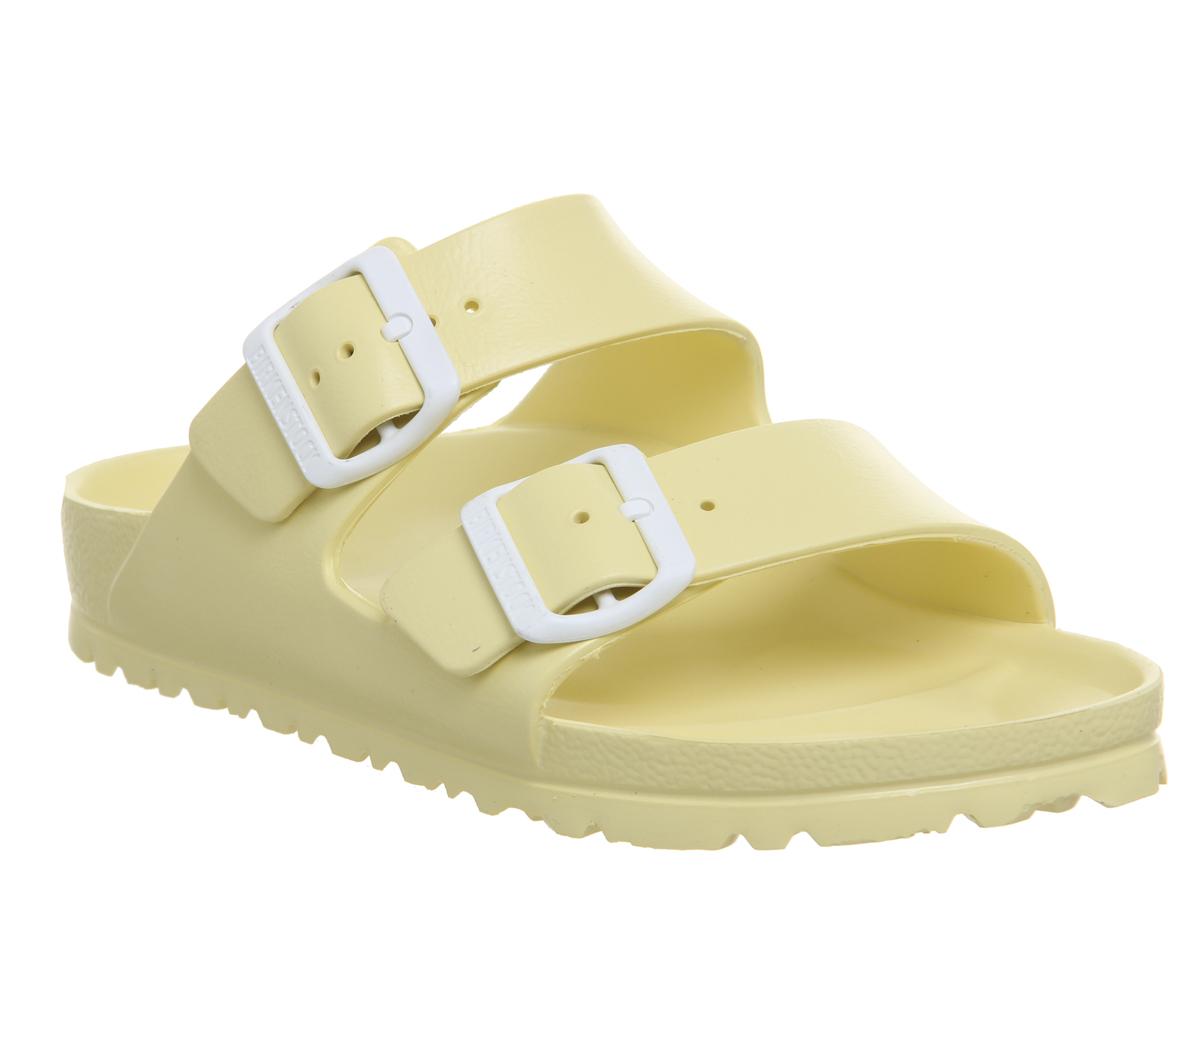 SENTINEL Womens Birkenstock Arizona due sandali con cinturino morbido  giallo Sandali EVA 2143f69fcd3